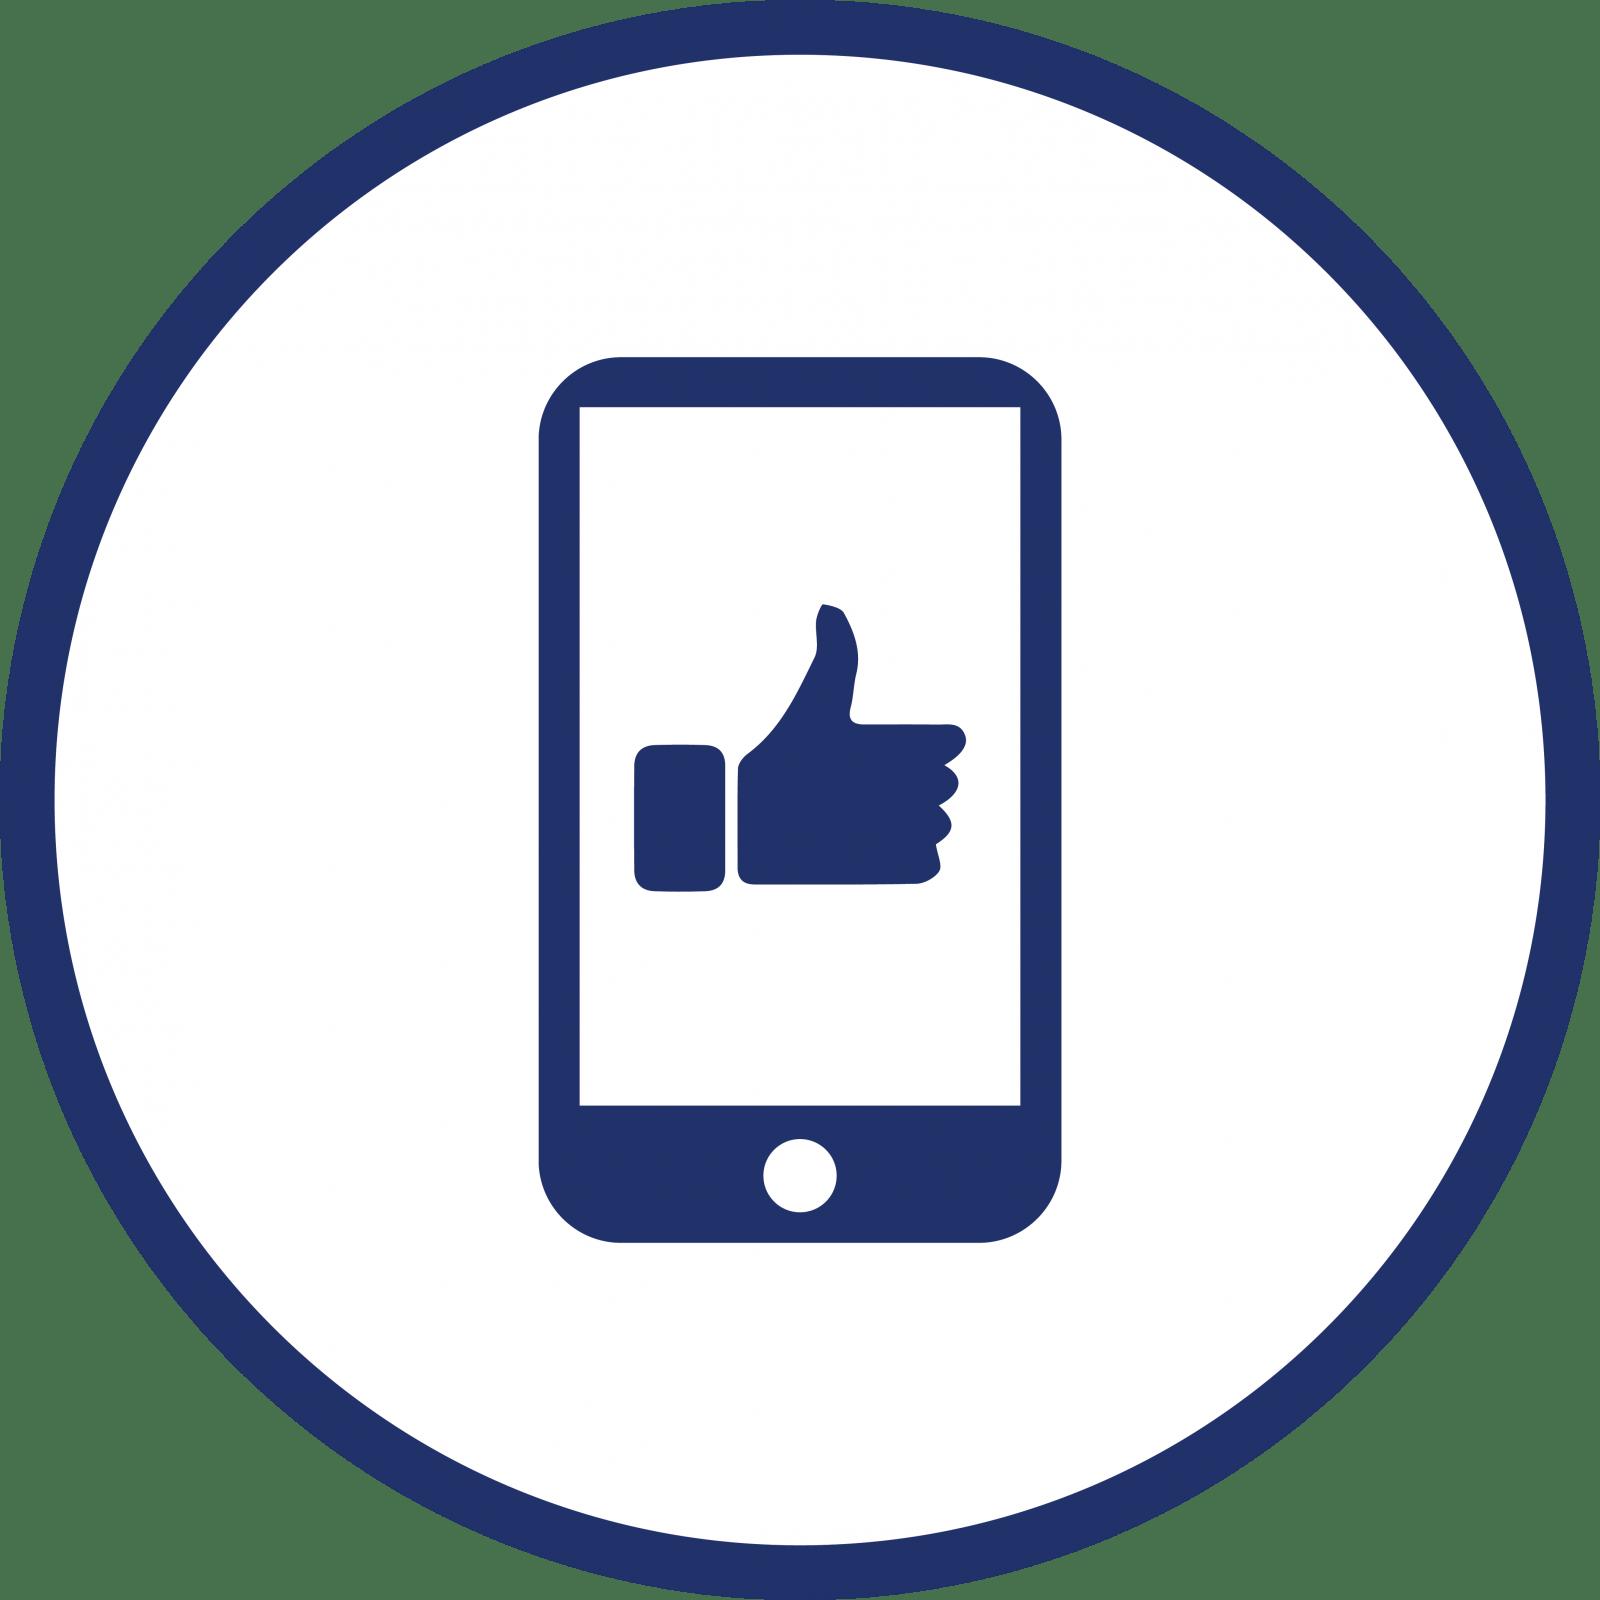 Mobile3 - Web design